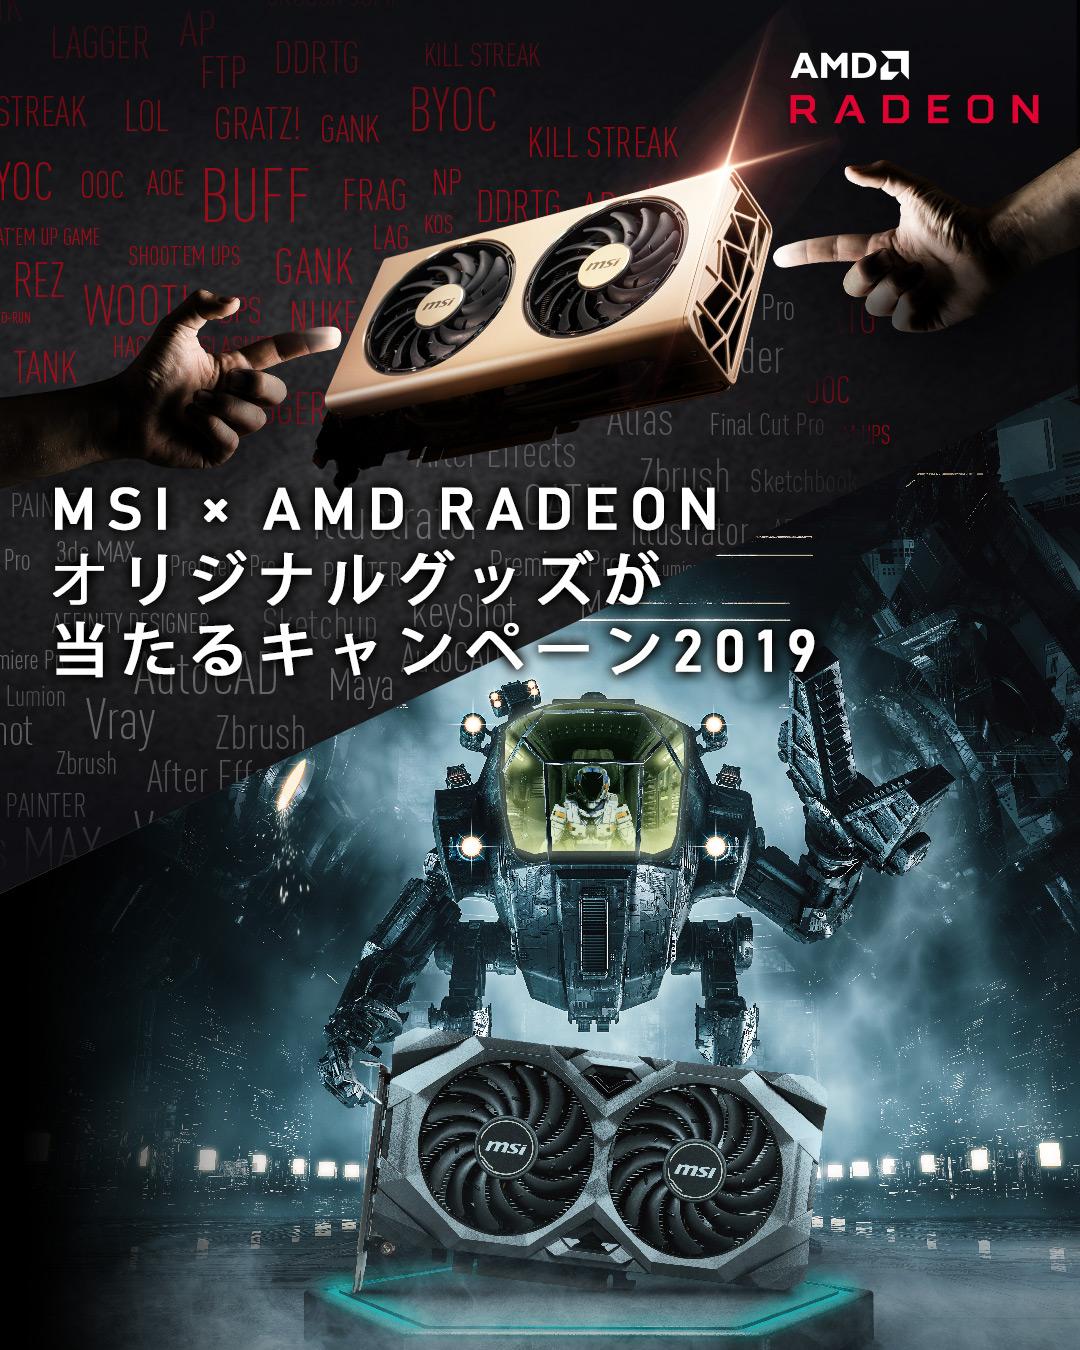 MSI × AMD Radeon オリジナルグッズが当たるキャンペーン2019